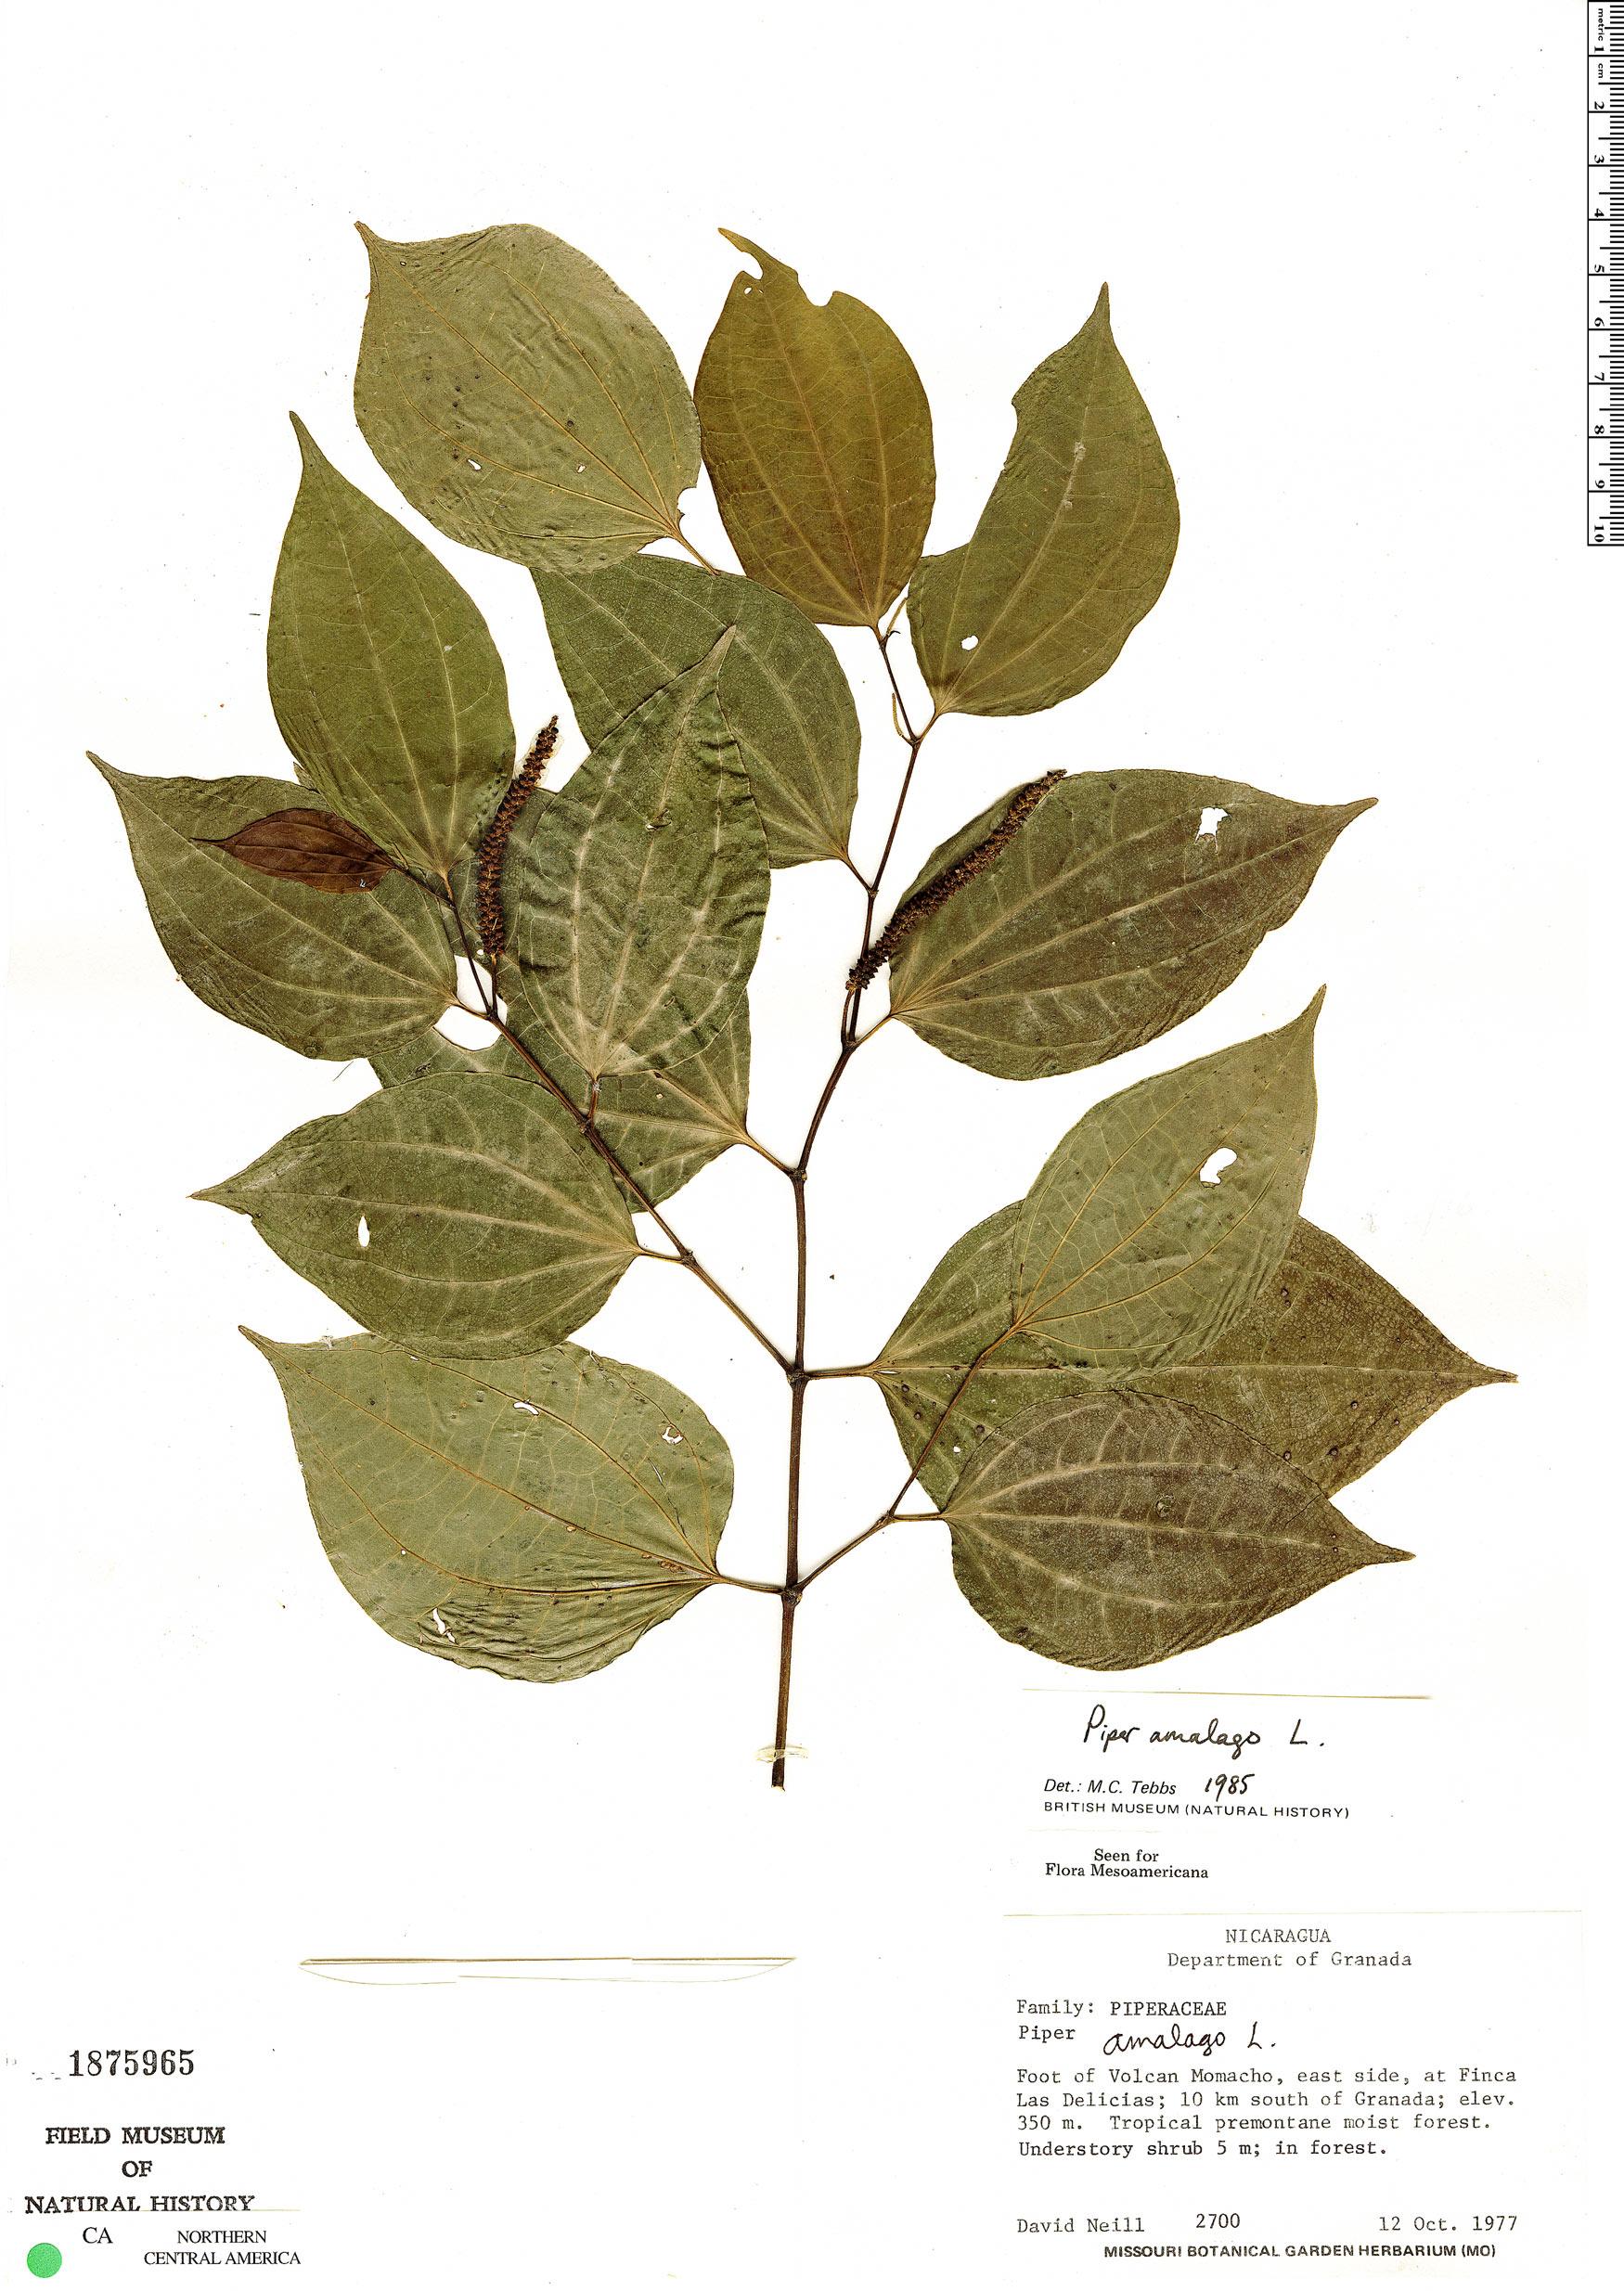 Espécimen: Piper amalago